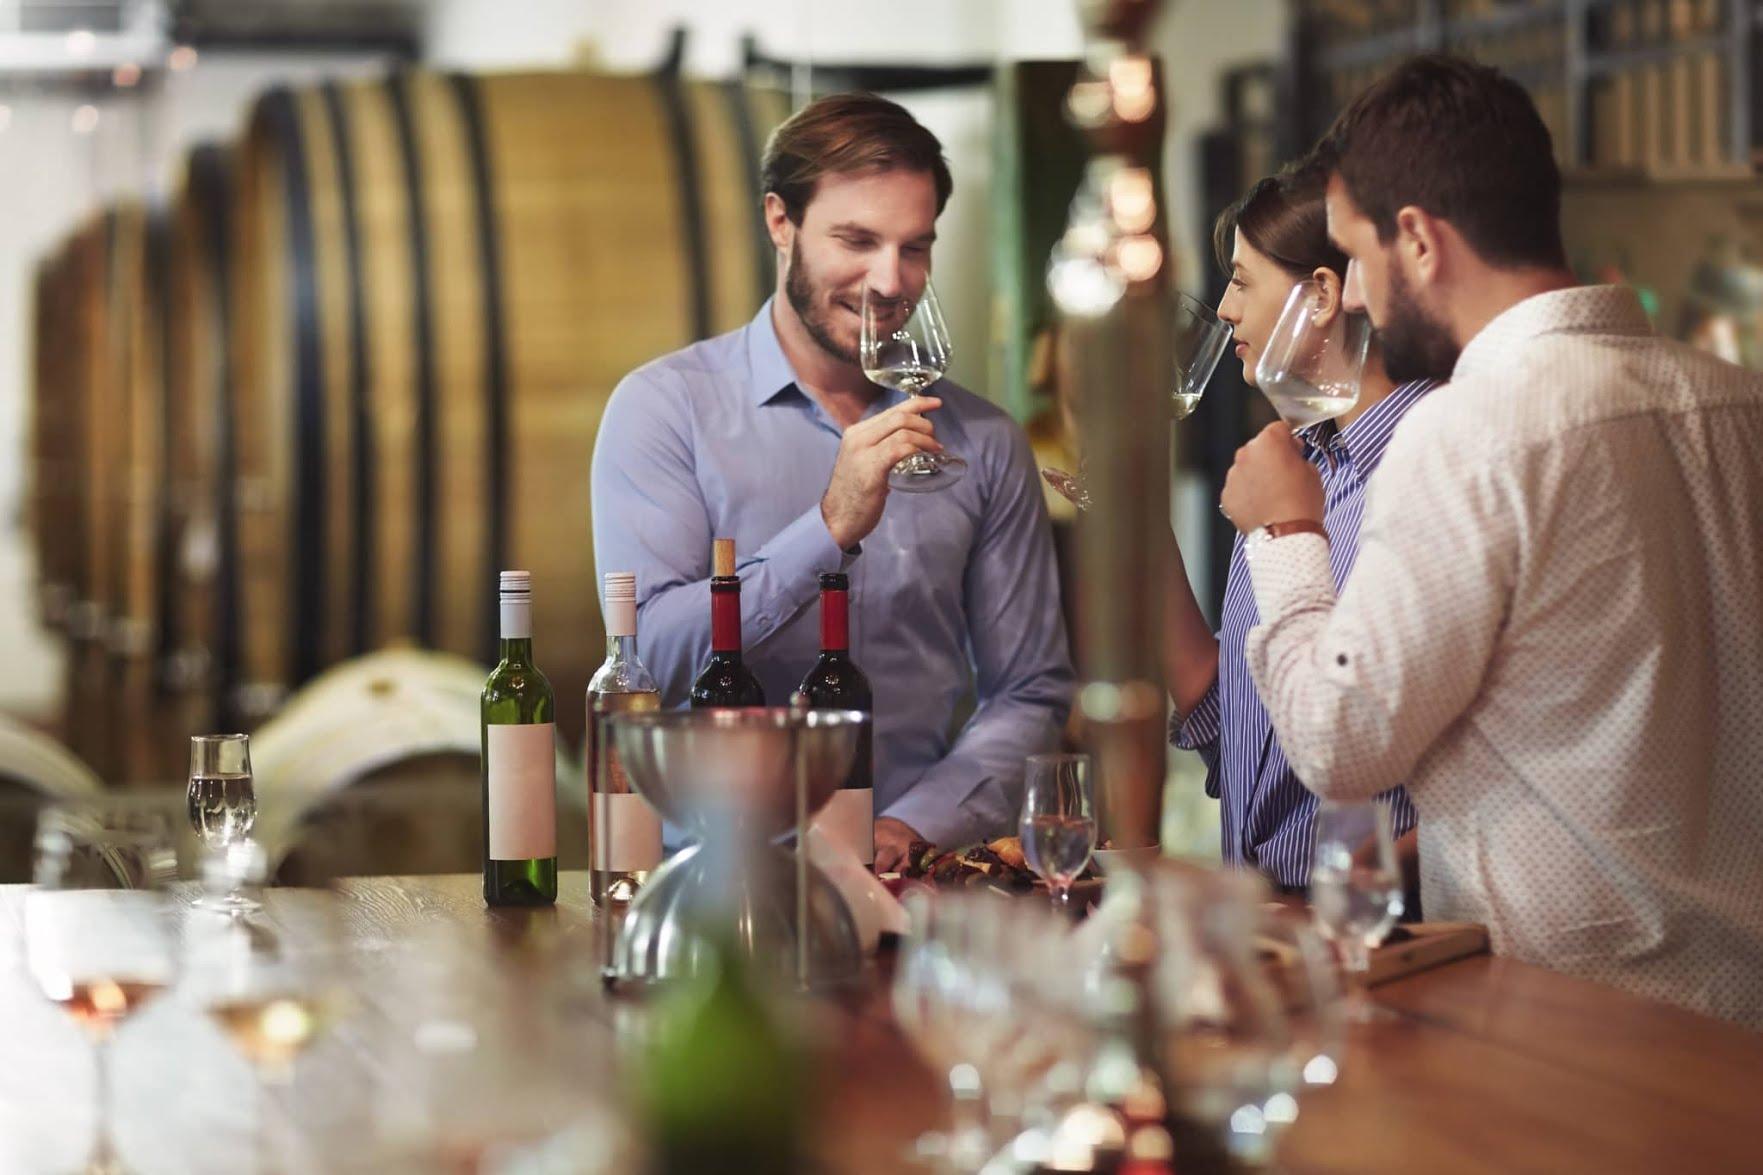 Activités réservées aux adultes : La dégustation de vins